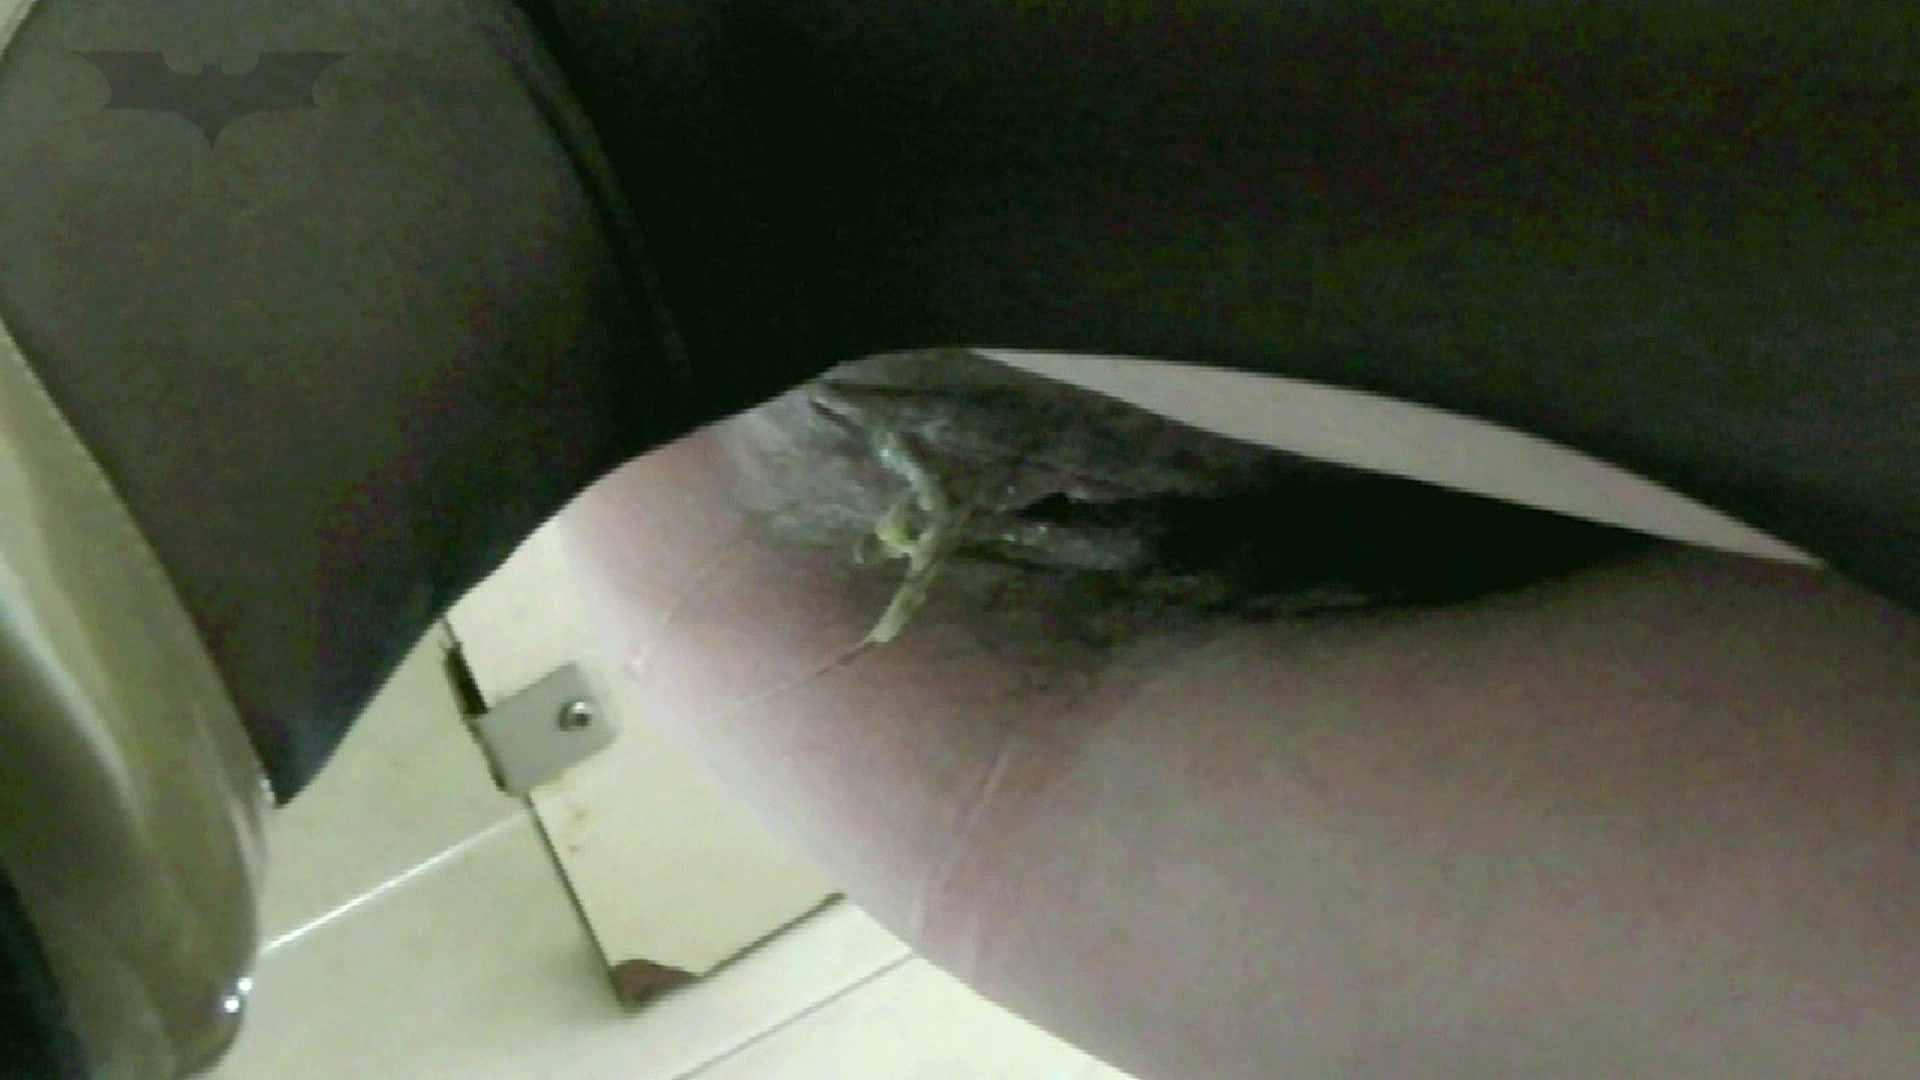 ステーション編 vol.29 頭二つ飛び出る180cm長身モデル 洗面所のぞき オメコ無修正動画無料 111枚 94